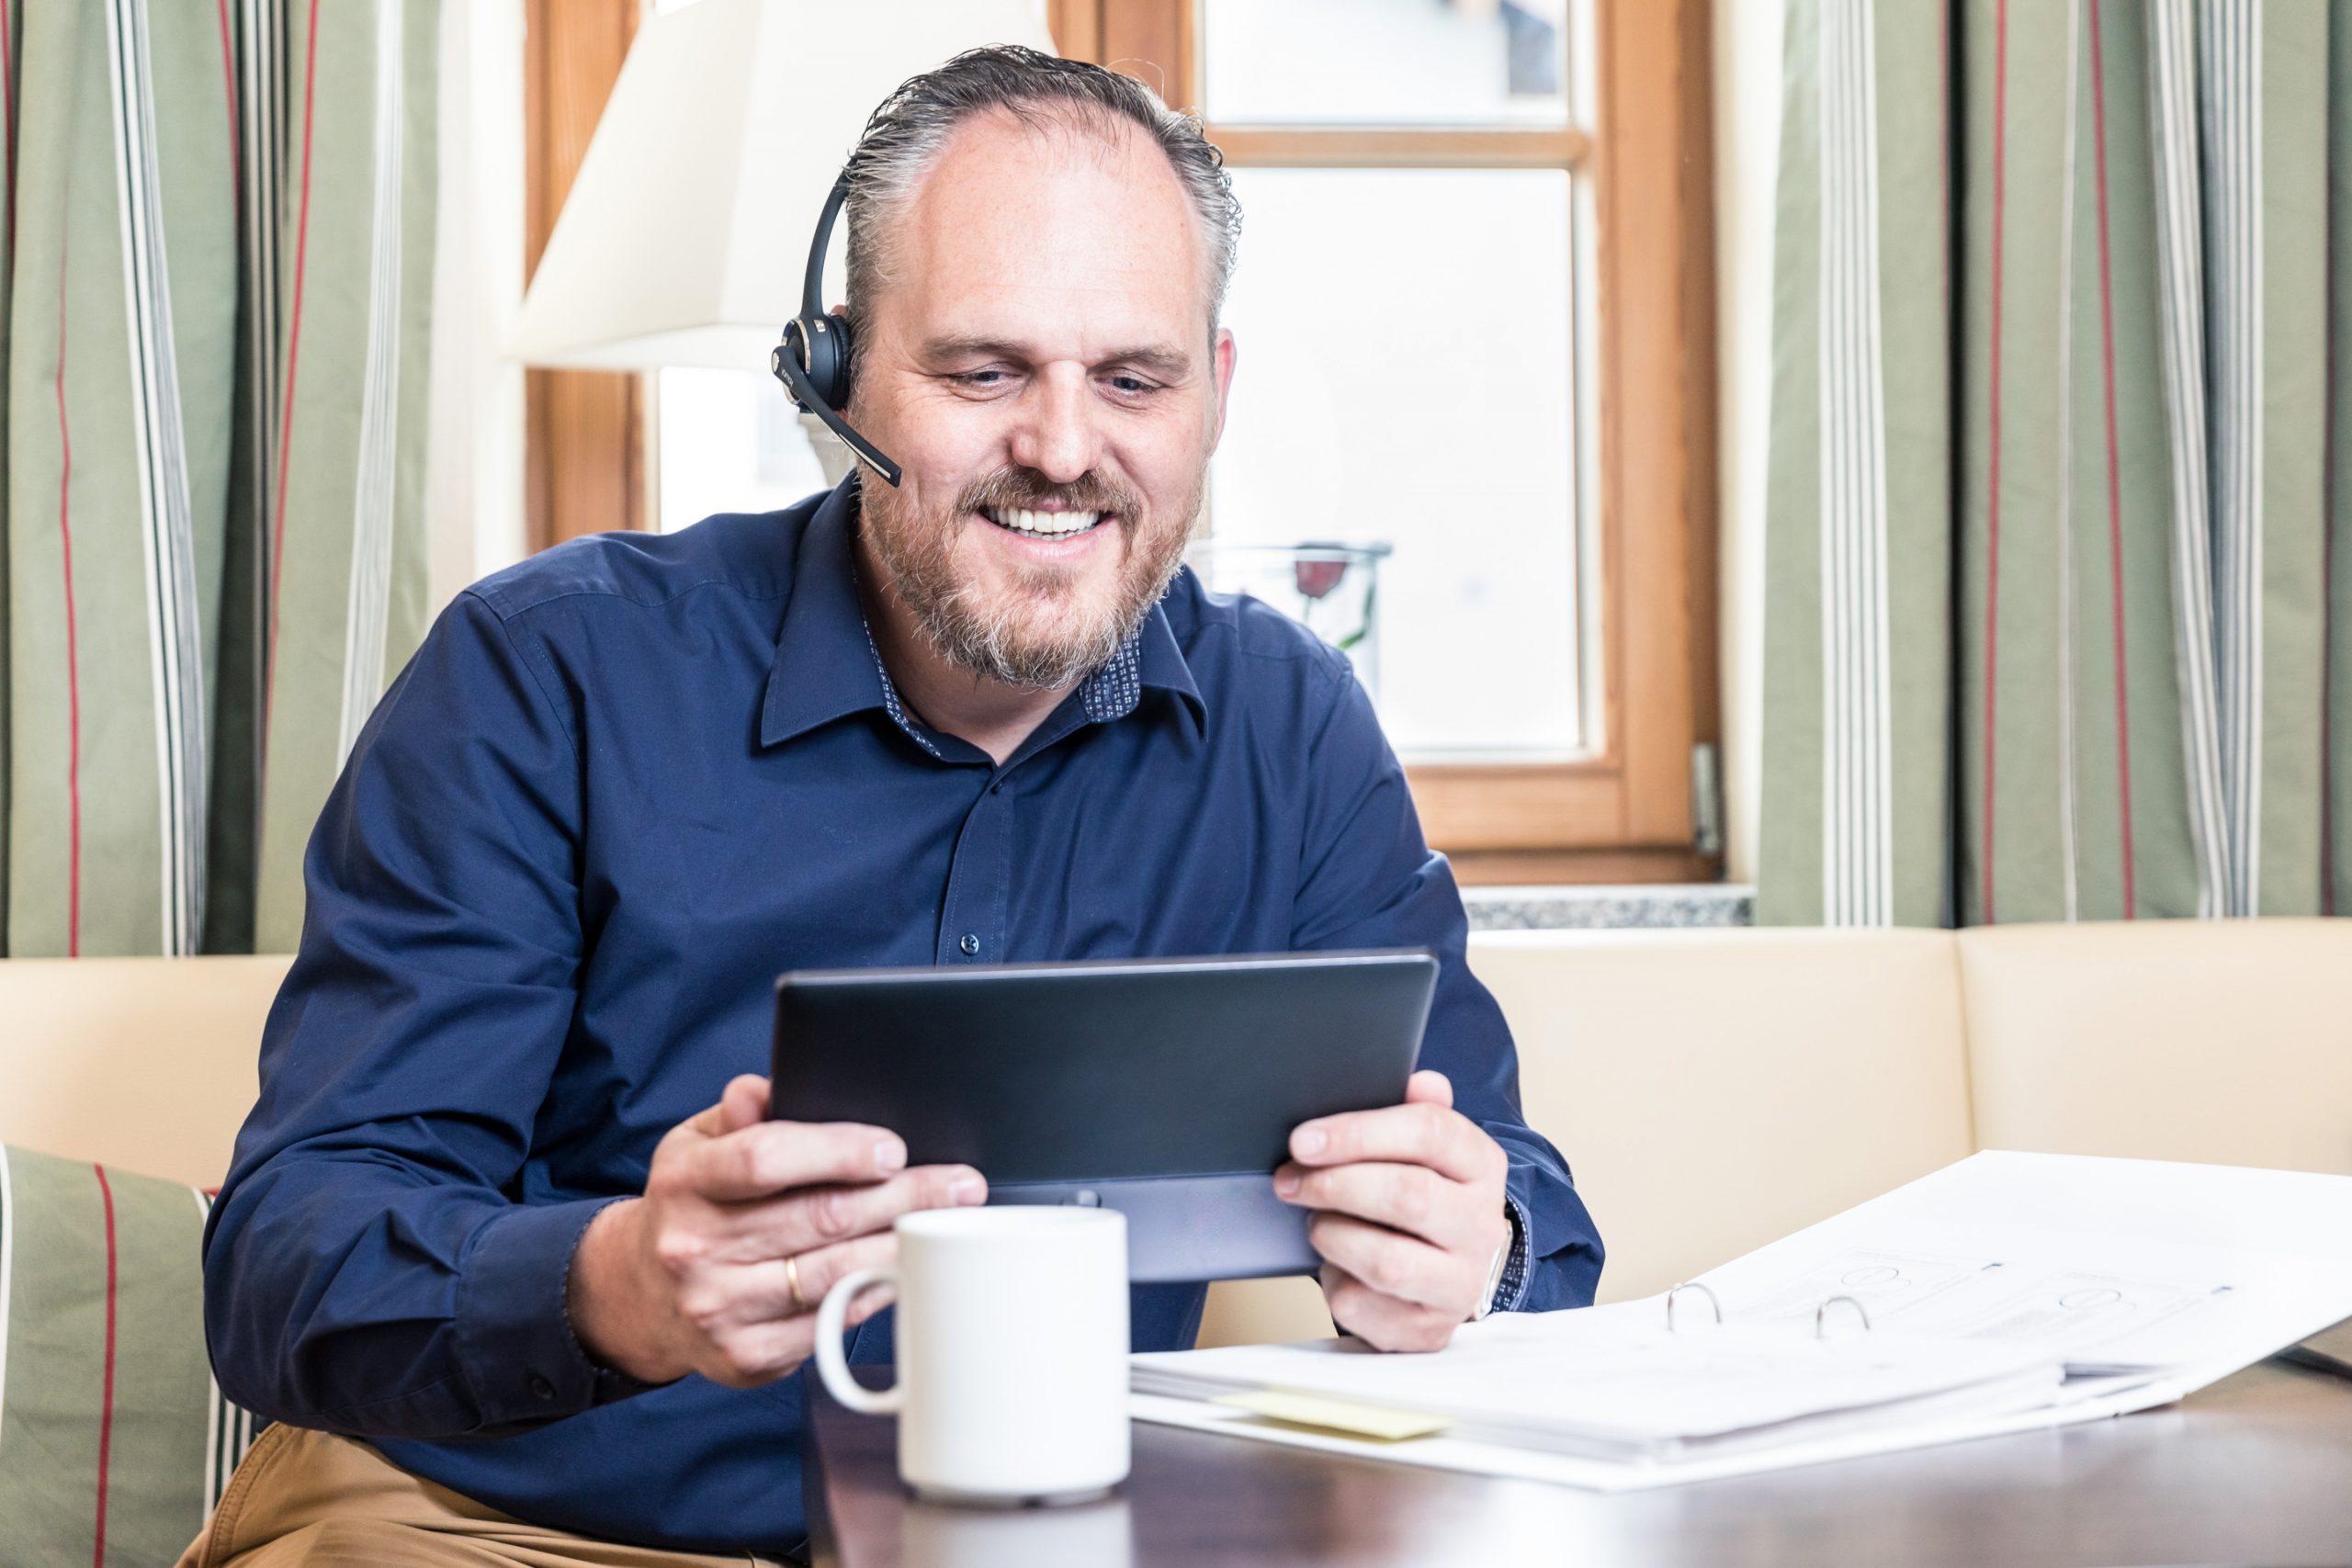 Bestager hat grinsend Spaß am E-Learning Onlineseminar mit Videotelefonie, Tablet, Ordner, Kaffeetasse und Headset vor Fenster